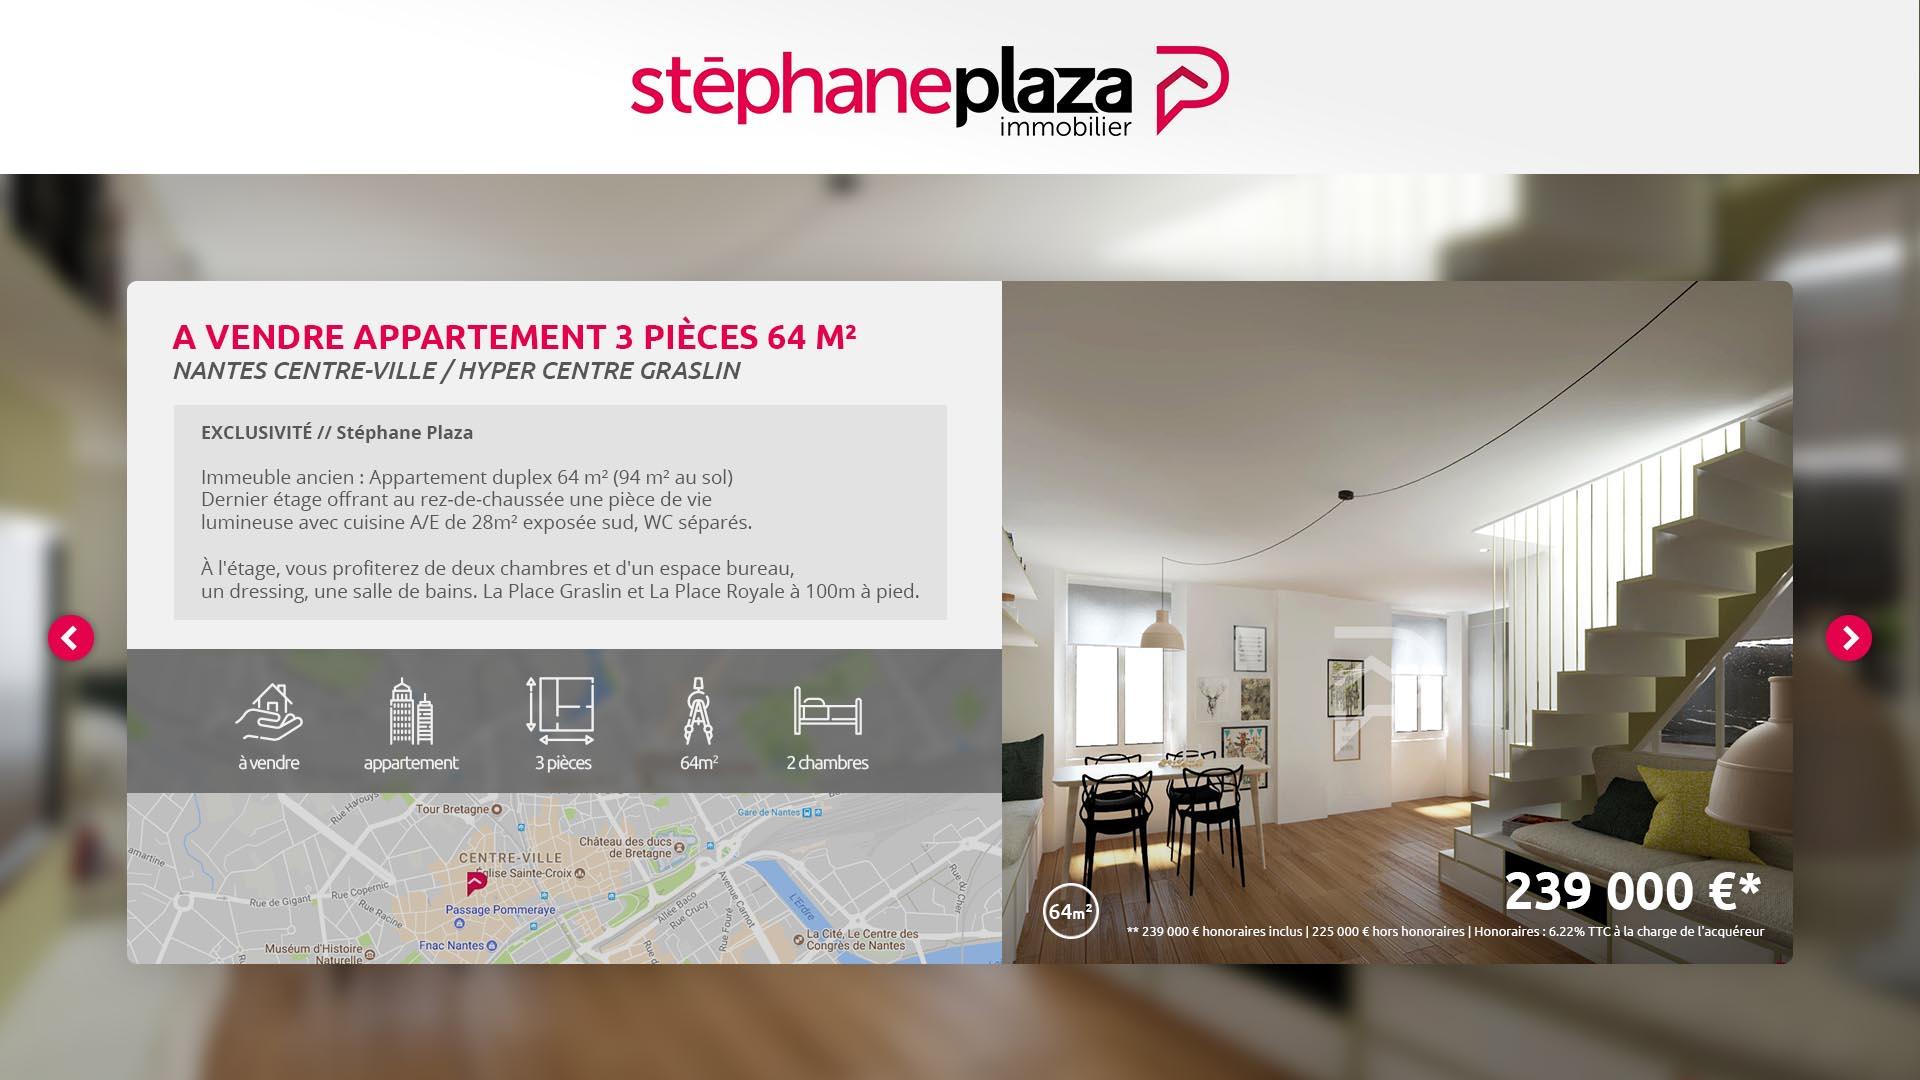 Interface d'affichage dynamique pour présenter les biens immobiliers d'une agence